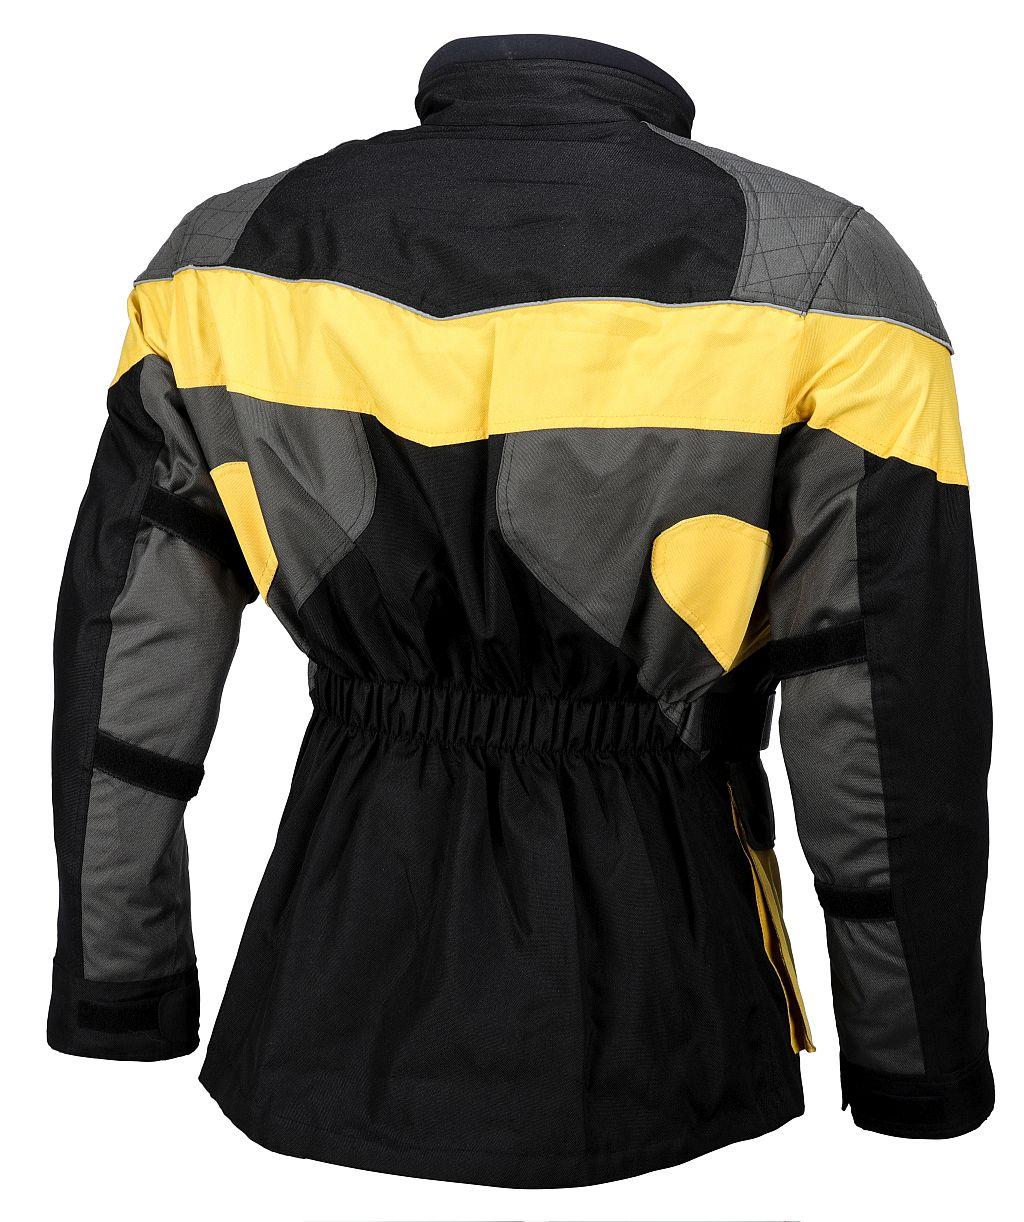 Motorrad Jacke Touren Cordura Motorradjacke schwarz gelb grau S